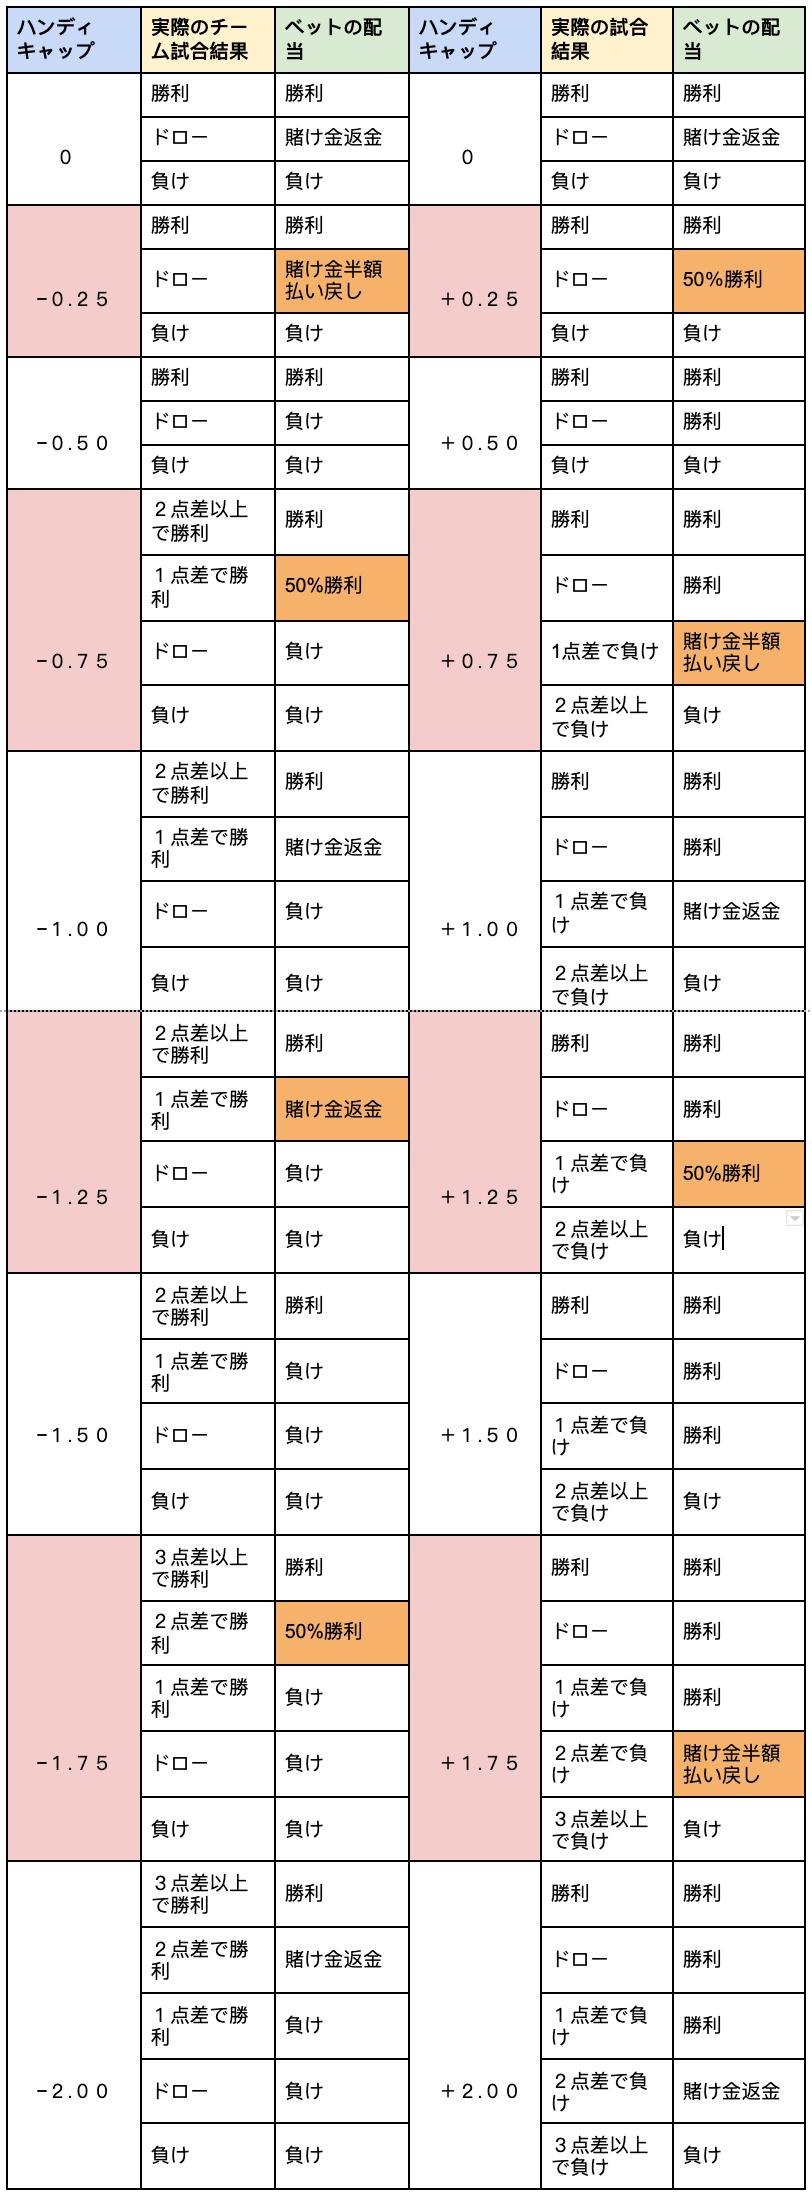 アジアンハンディキャップのハンデと配当表